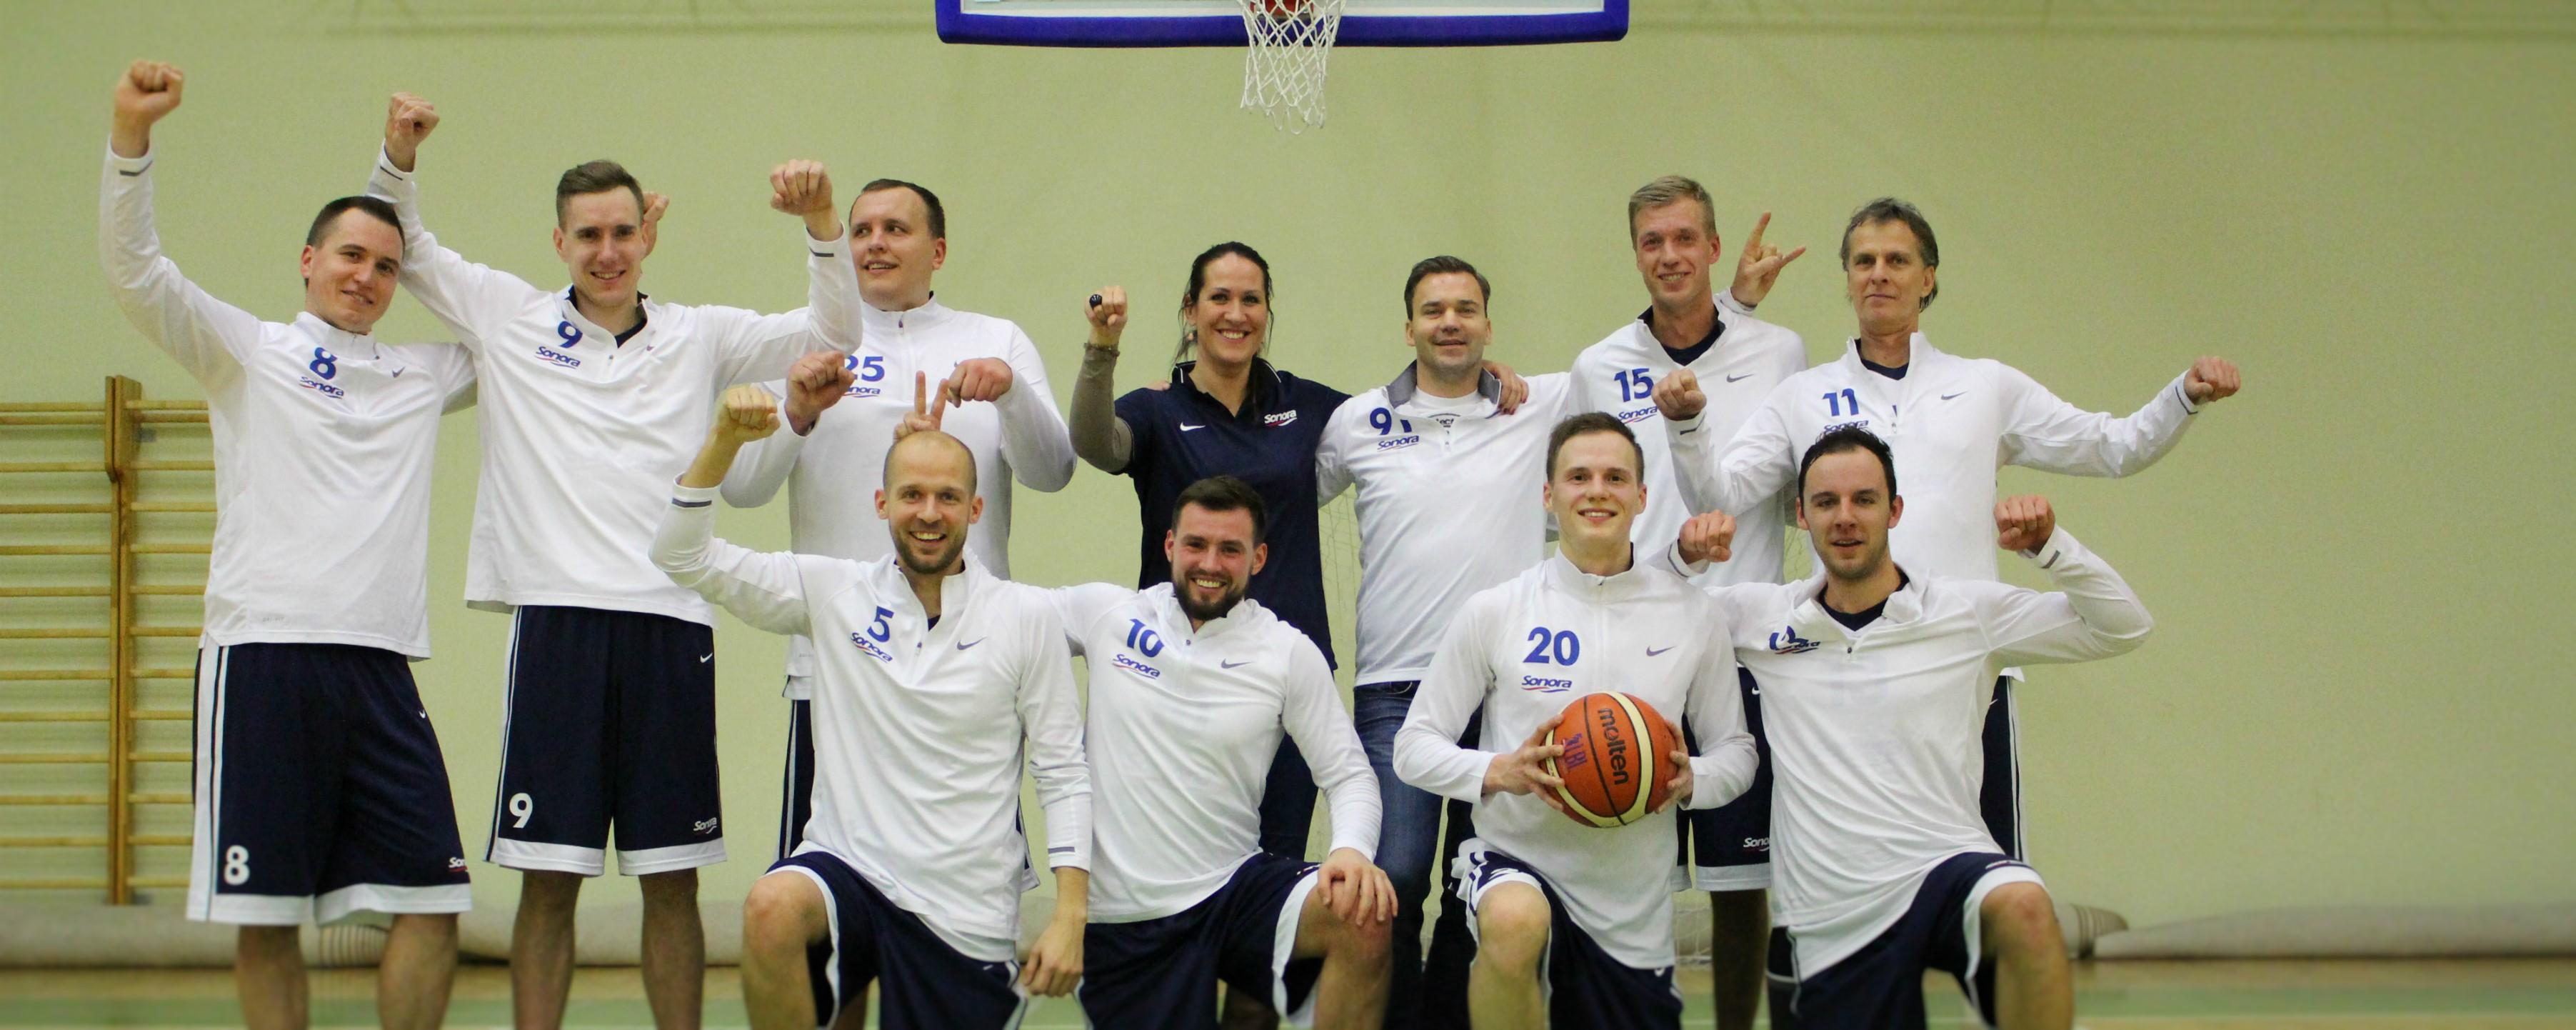 Баскетбольные команды Сонора